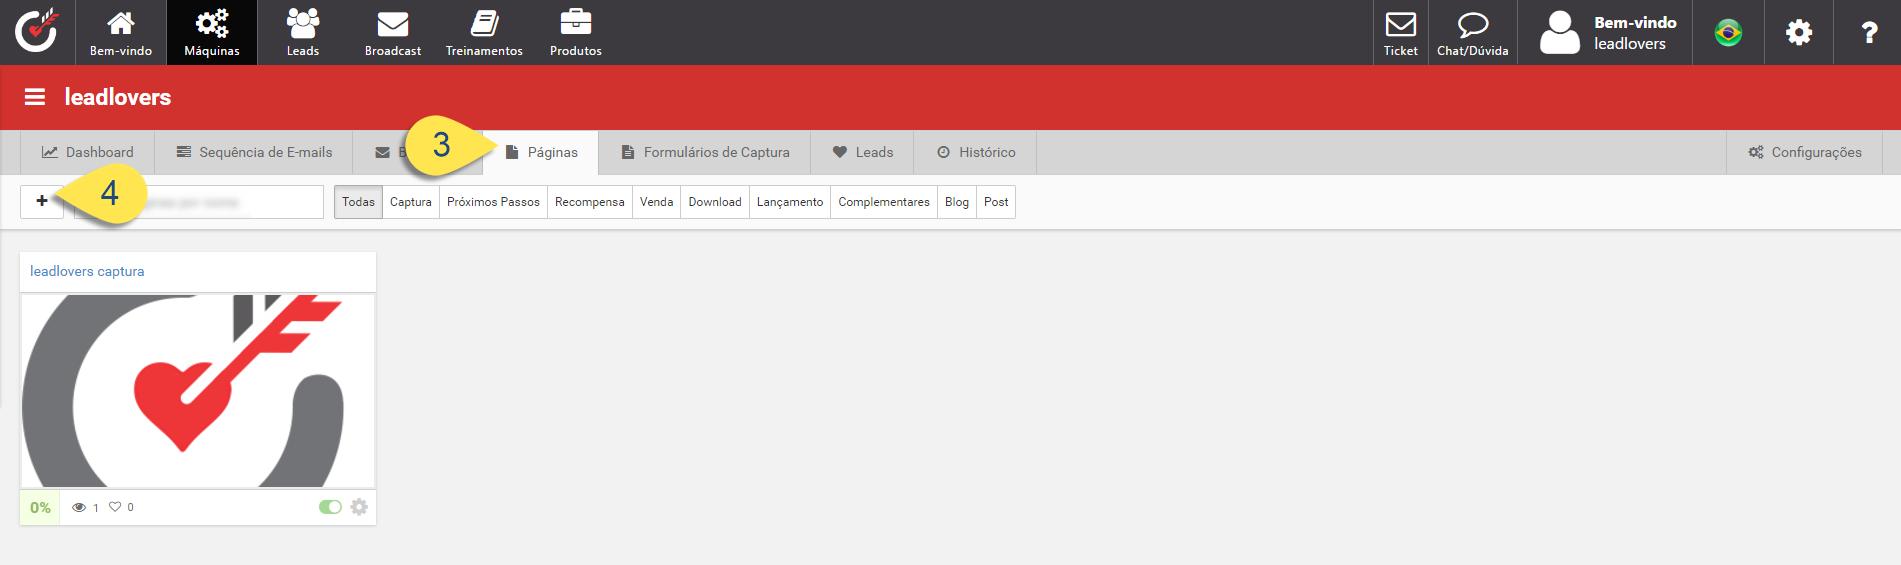 Iniciando criação de nova página